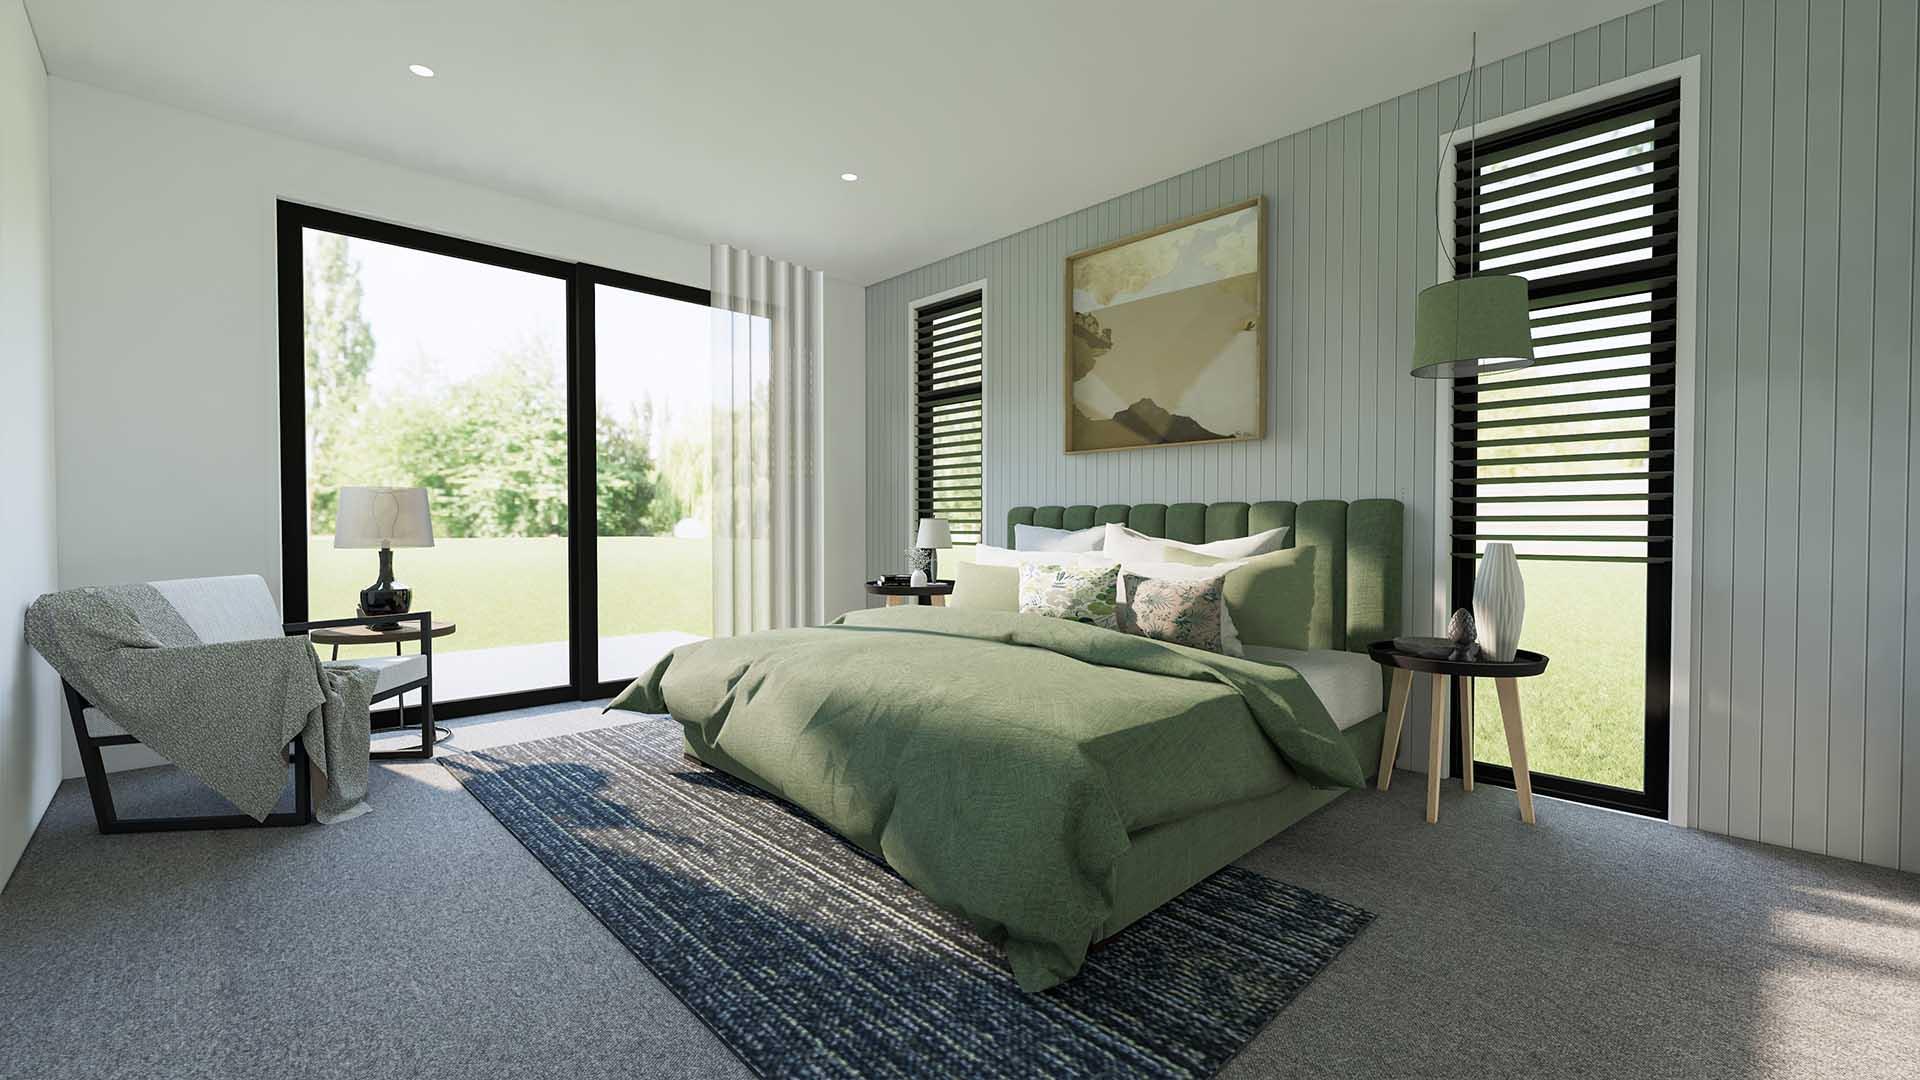 NorthIsland Bedroom